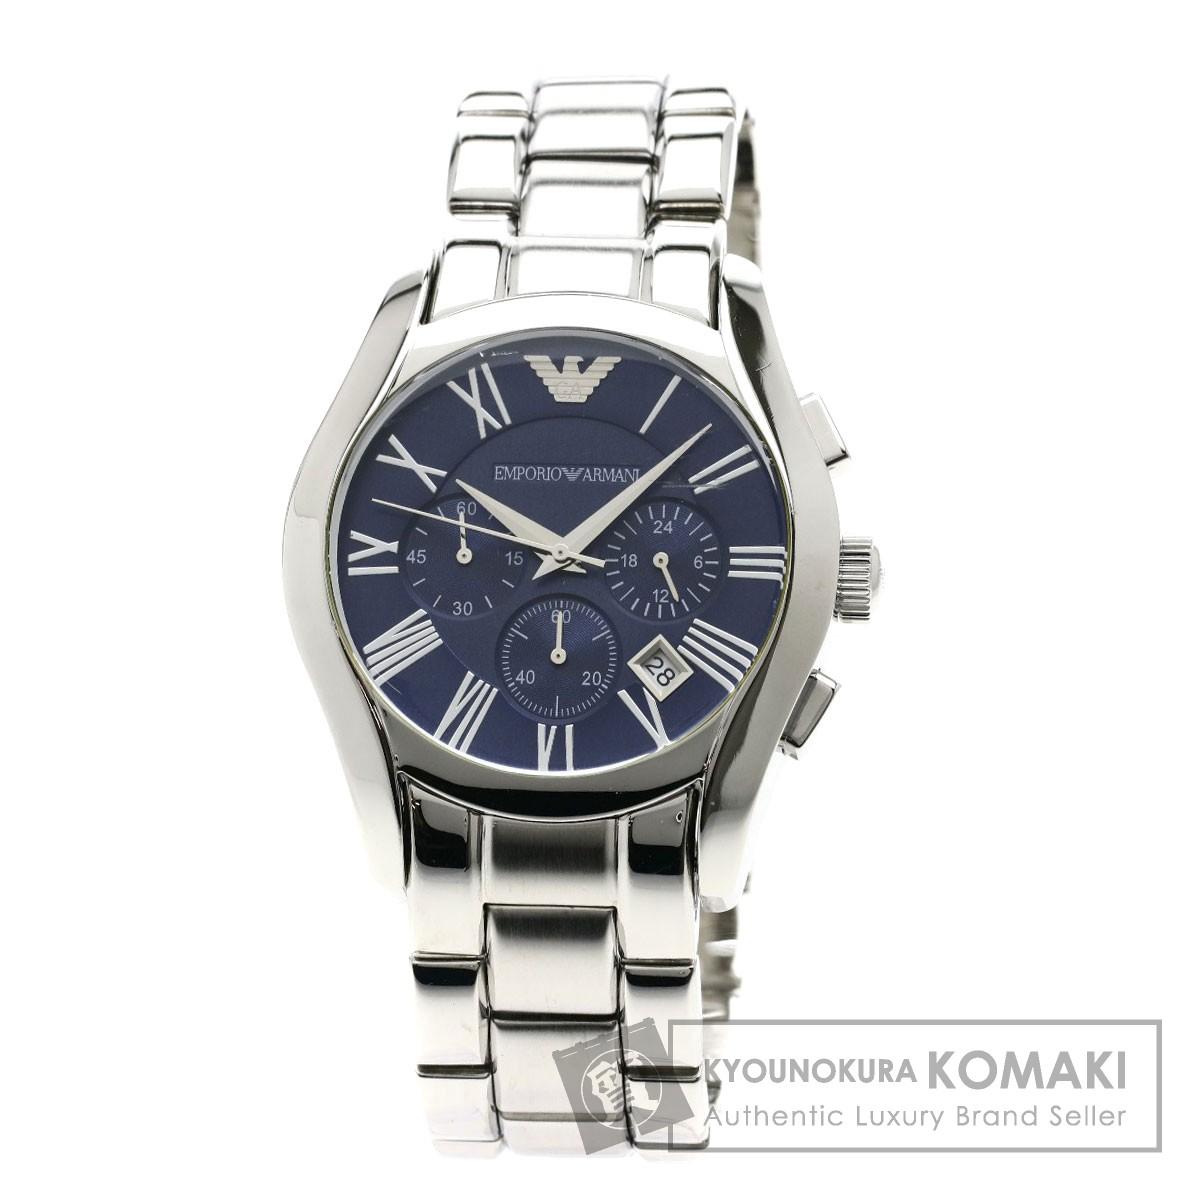 Emporio Armani AR-1635 クラシック 腕時計 ステンレススチール メンズ 【中古】【エンポリオ・アルマーニ】